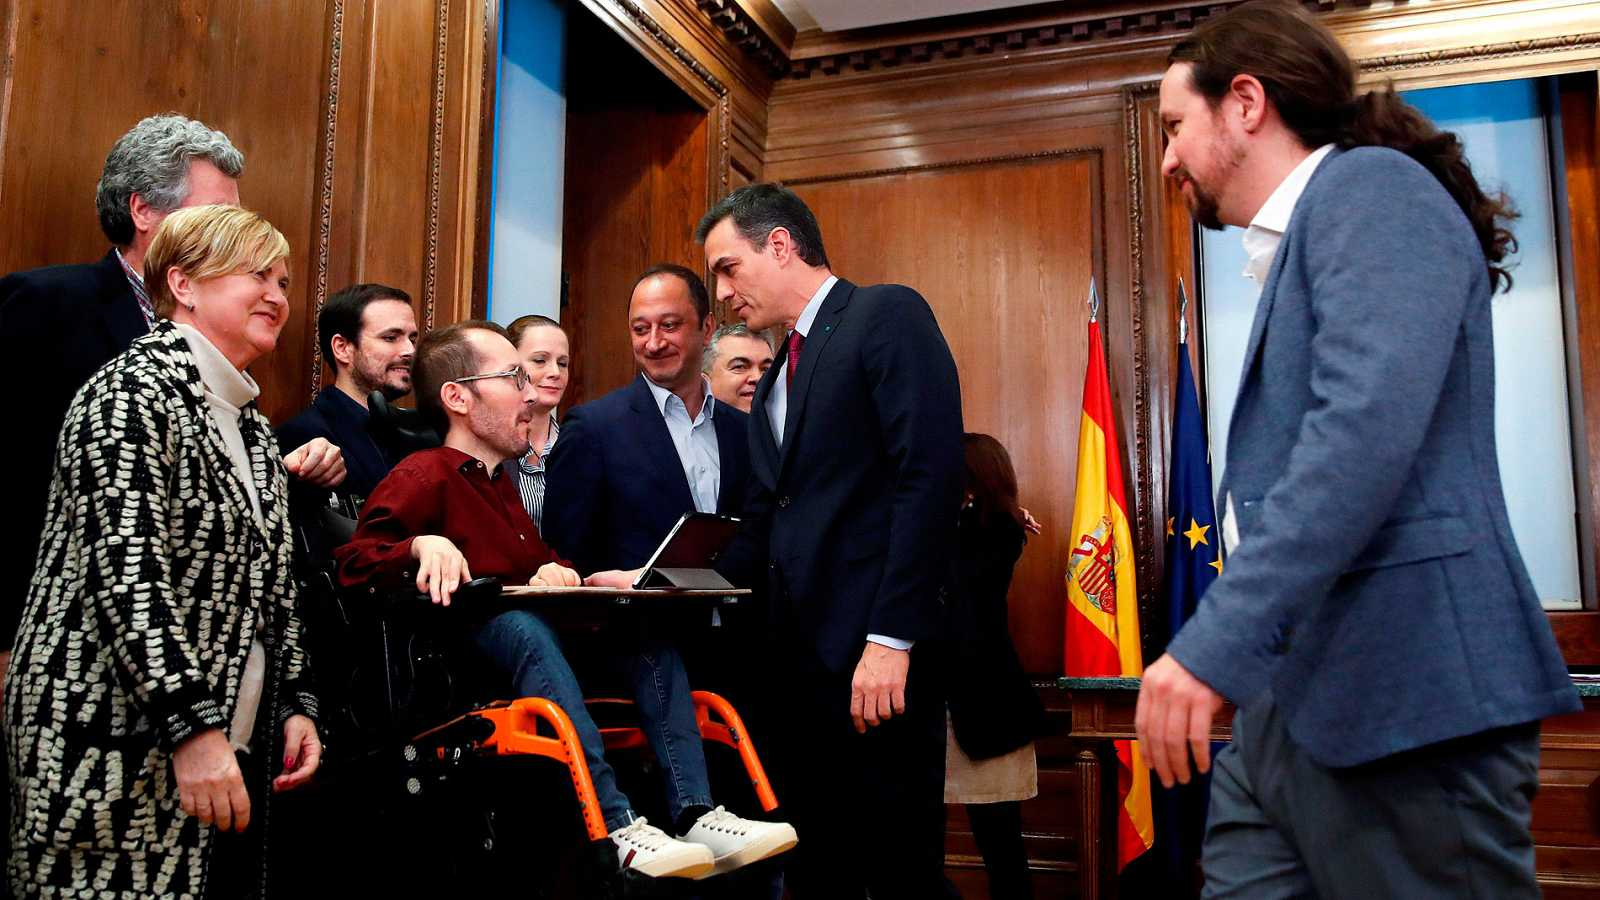 La derogación parcial de la reforma laboral o la regulación de alquileres, entre las principales medidas del acuerdo entre PSOE y Podemos